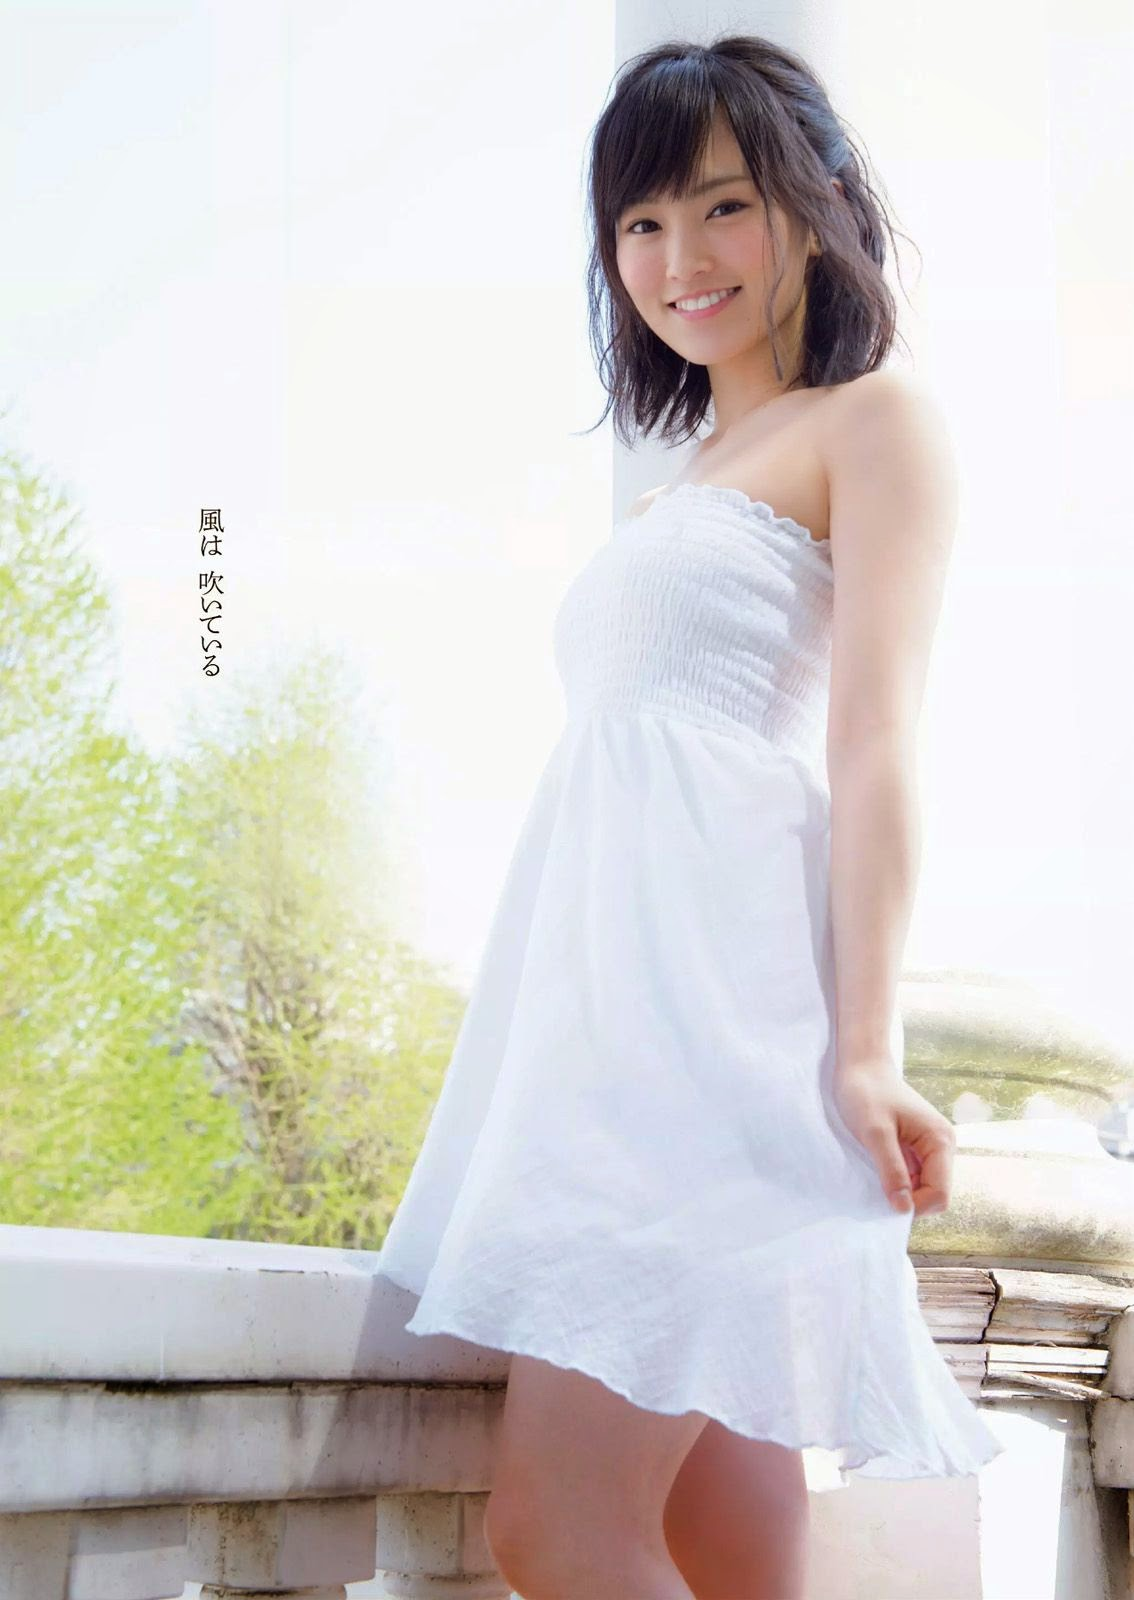 山本彩 Yamamoto Sayaka Win the Gold Medal Images 4